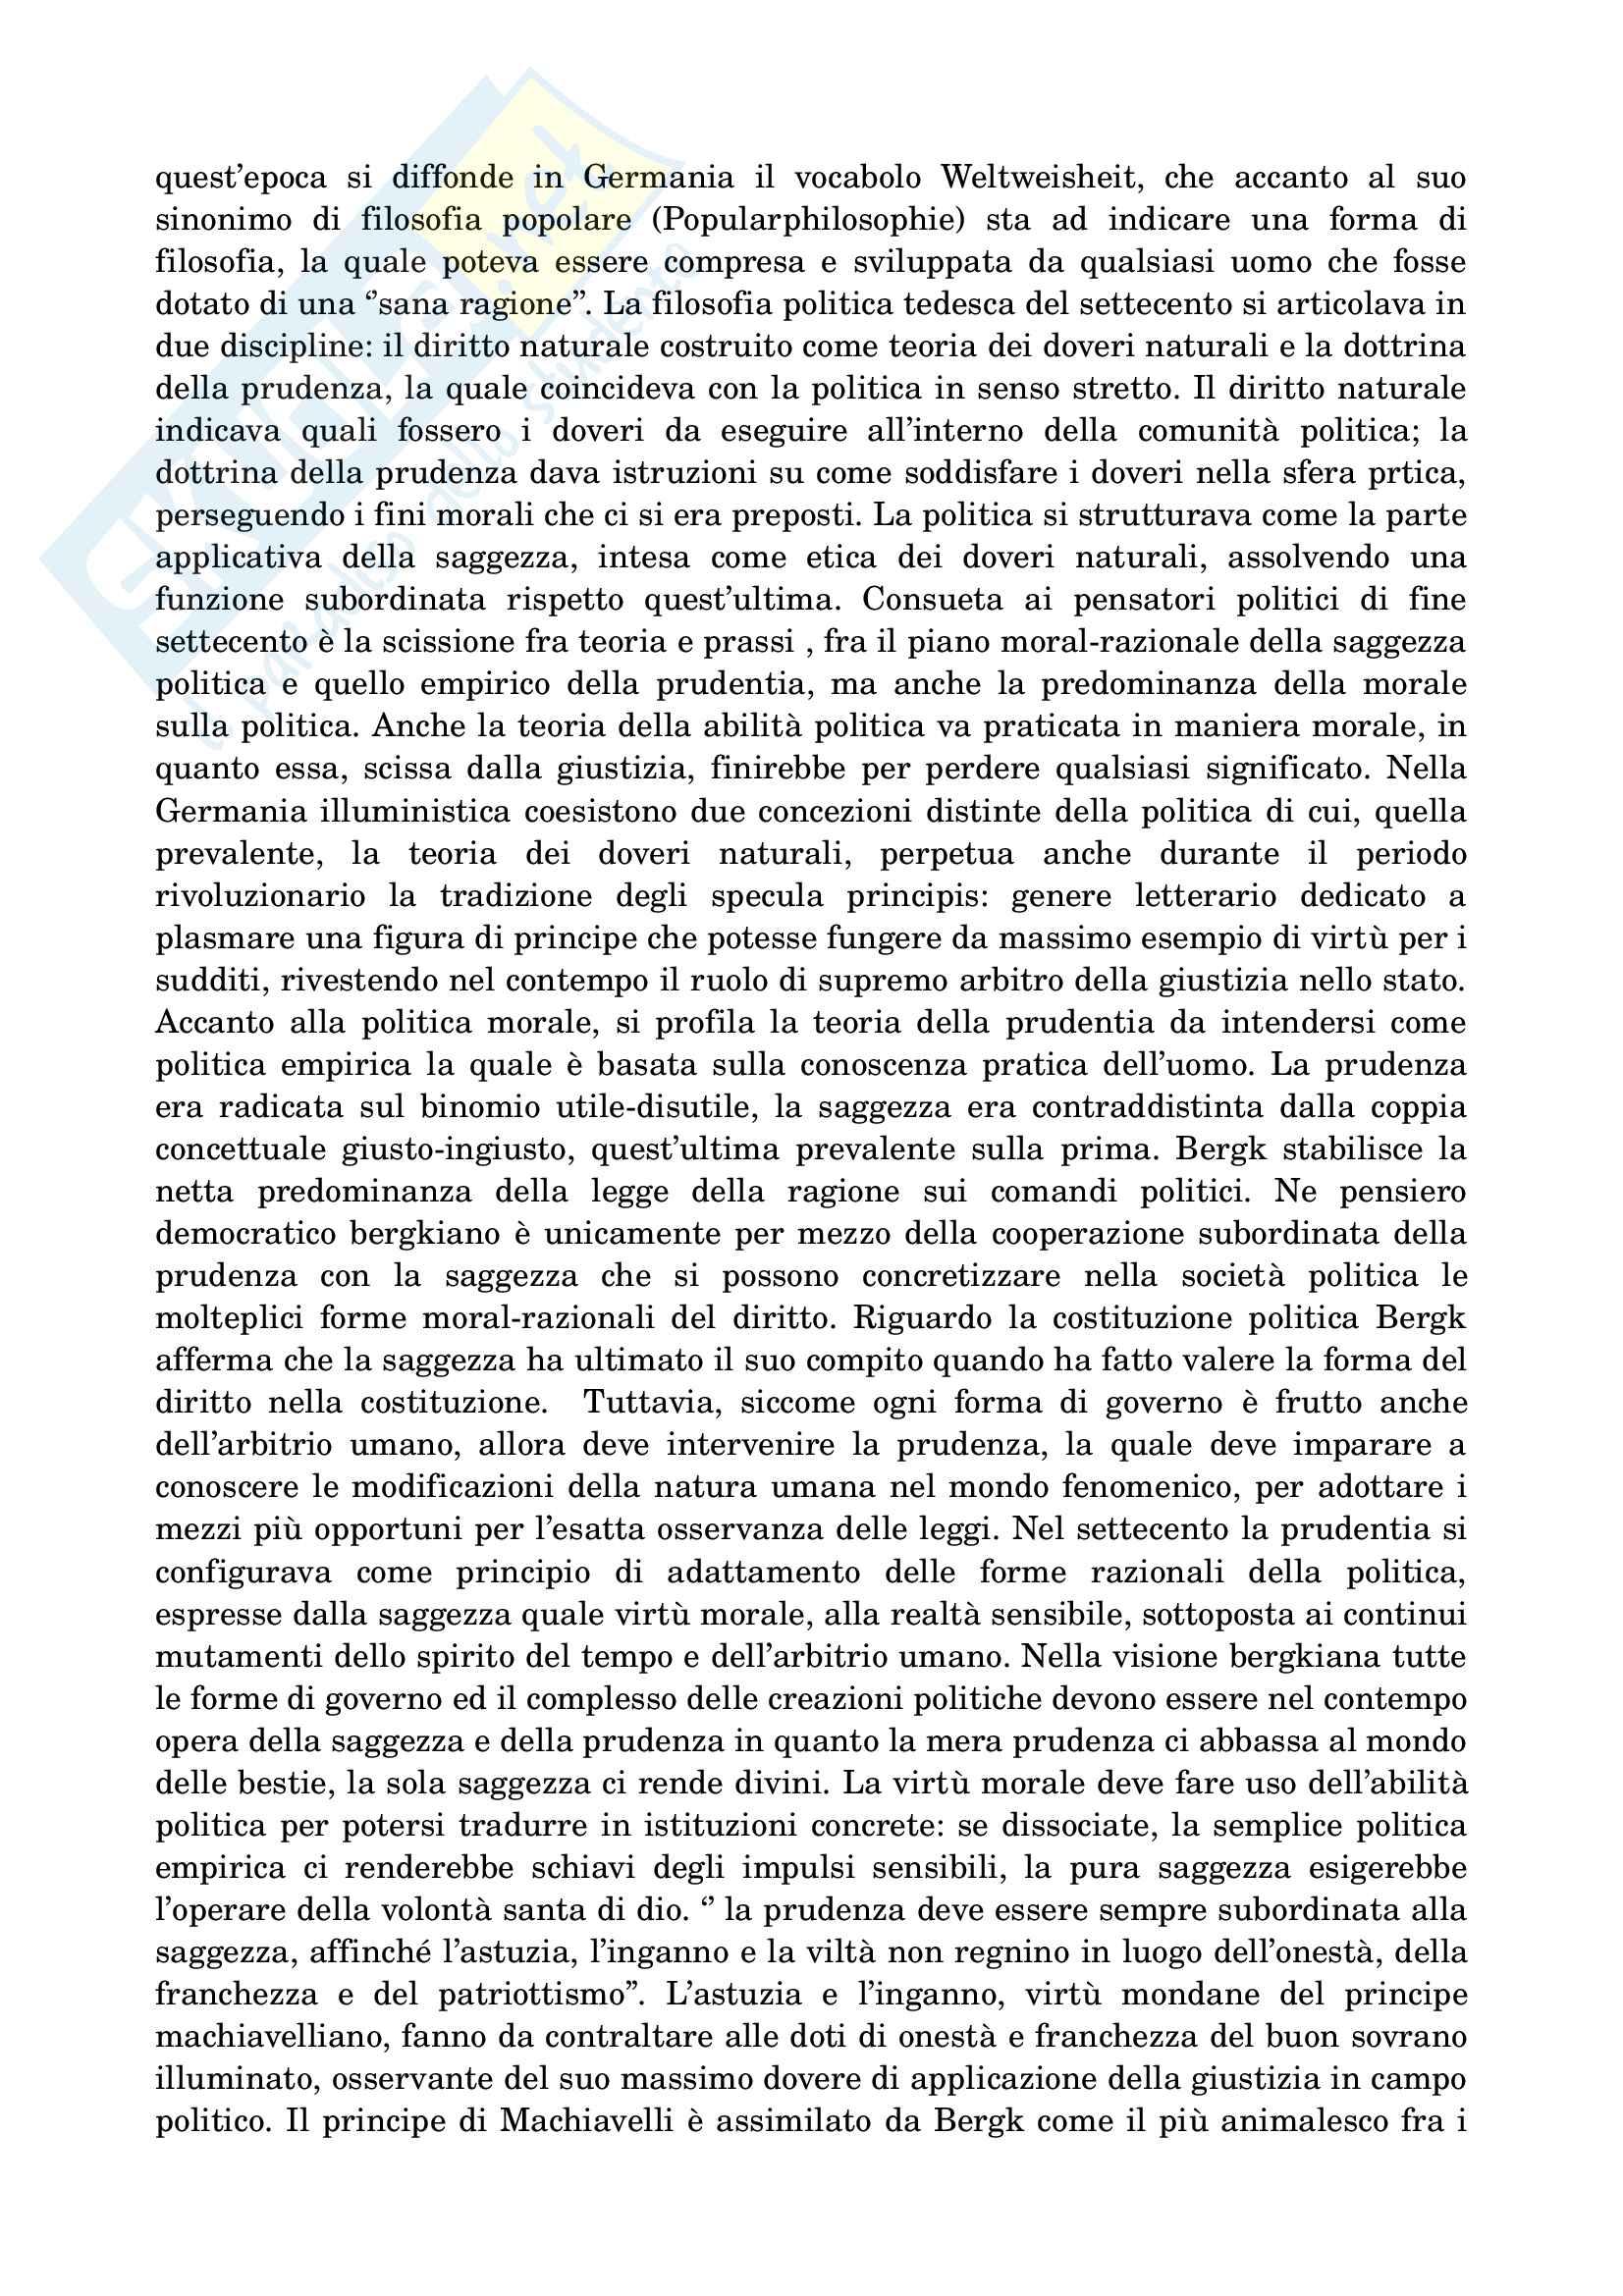 Riassunto esame di filosofia politica prof.ssa Vanda Fiorillo, libro consigliato ''Autolimitazione razionale e desiderio. Il dovere nei progetti di riorganizzazione politica dell'illuminismo tedesco'' Pag. 16